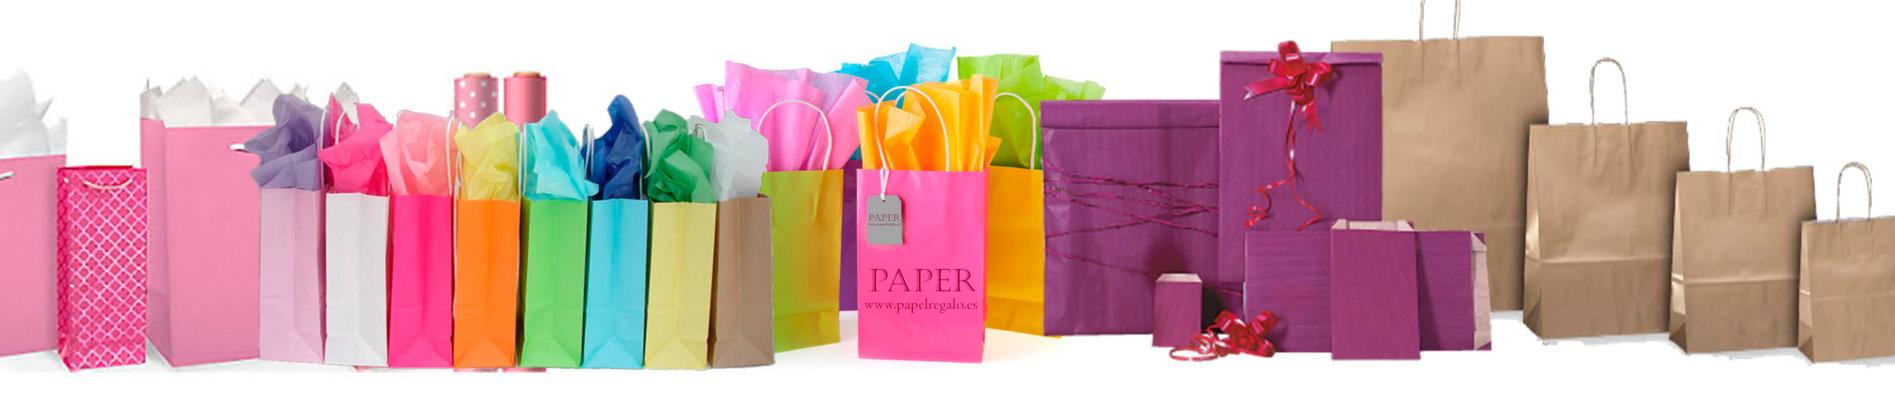 Papel de regalo y bolsas